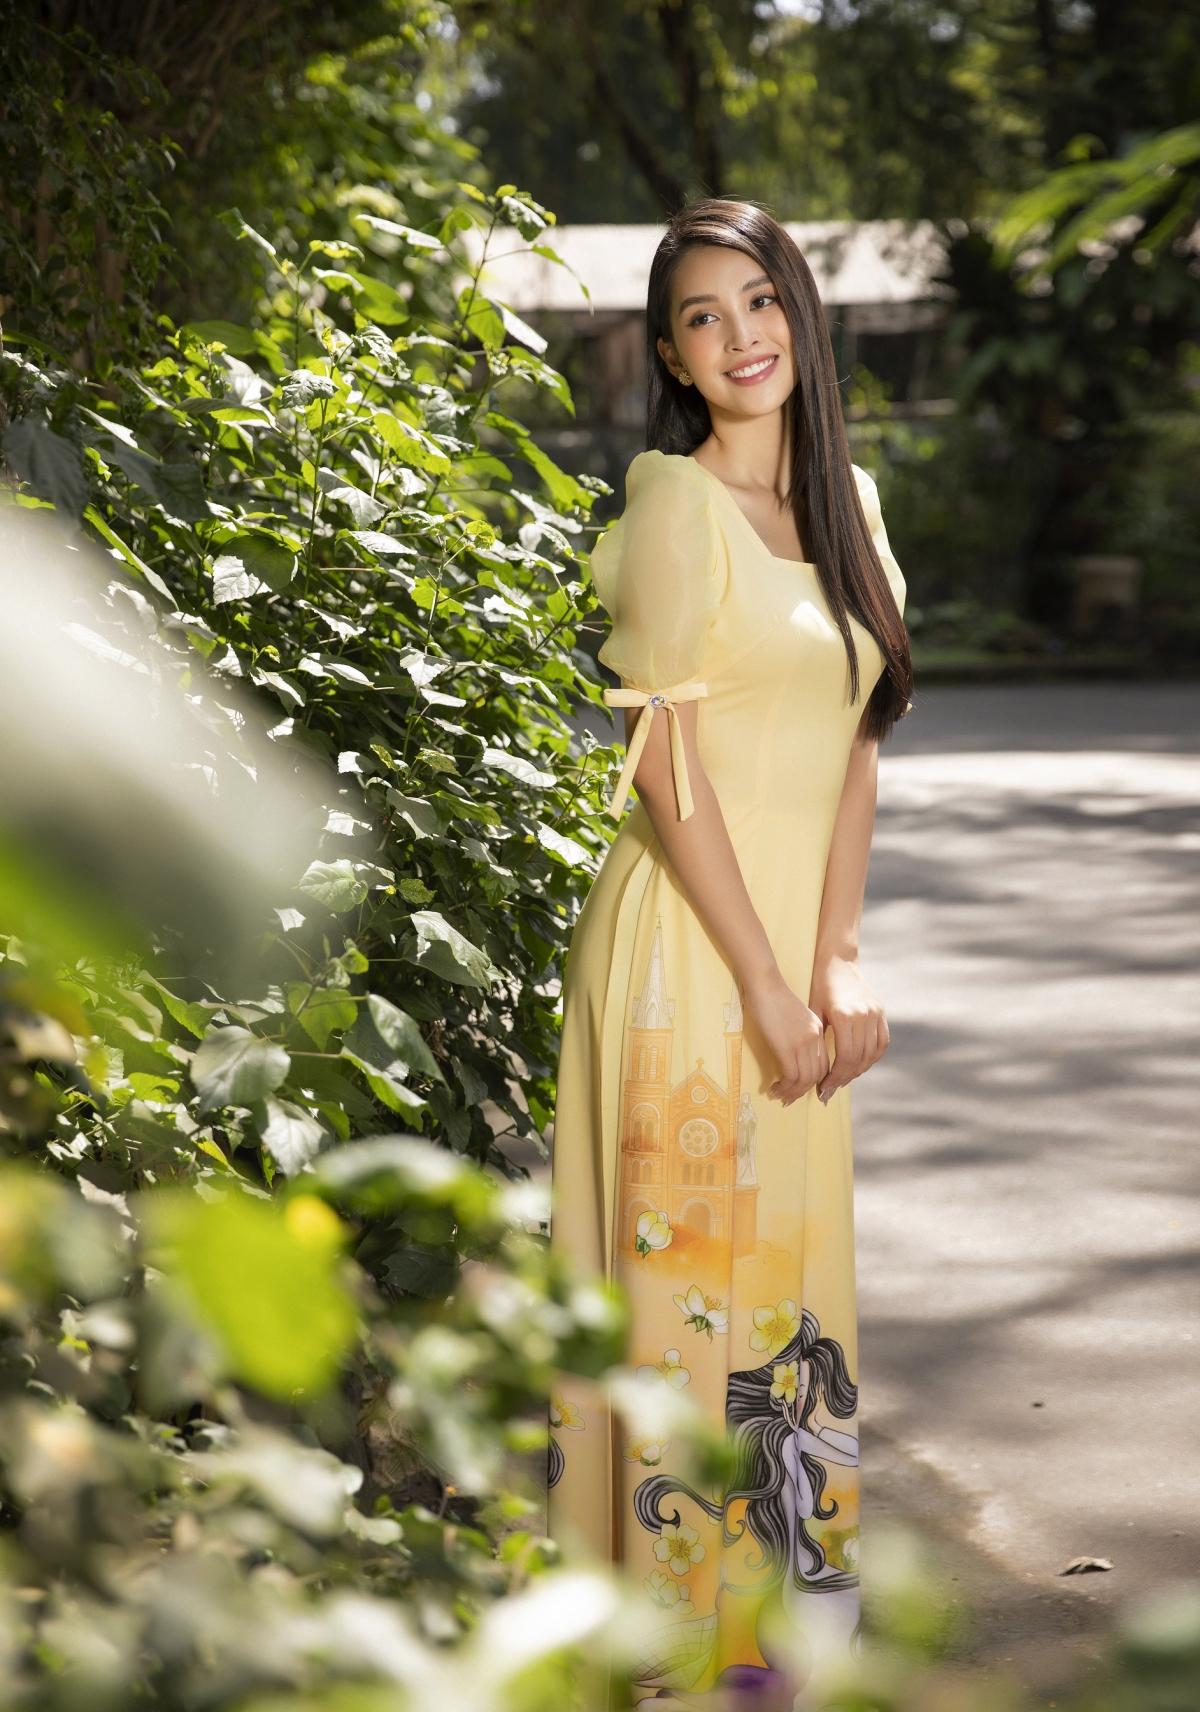 Vẫn trung thành với chất liệu mềm rũ kết hợp các kiểu tay và cổ cách điệu từ chất liệu voan, Ngô Nhật Huy đã biến tấu chiếc áo dài trẻ trung và gần gủi hơn dành cho các bạn gái xúng xính trong độ xuân về.